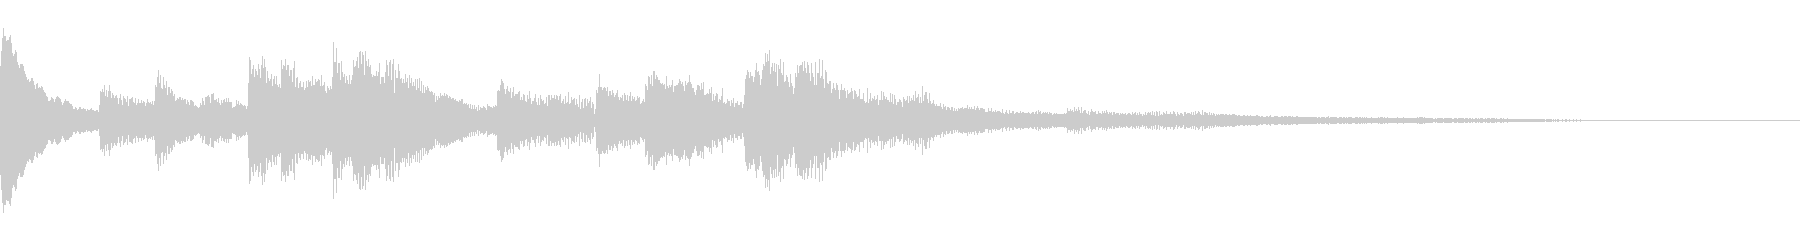 きれいなソロピアノジングルの未再生の波形